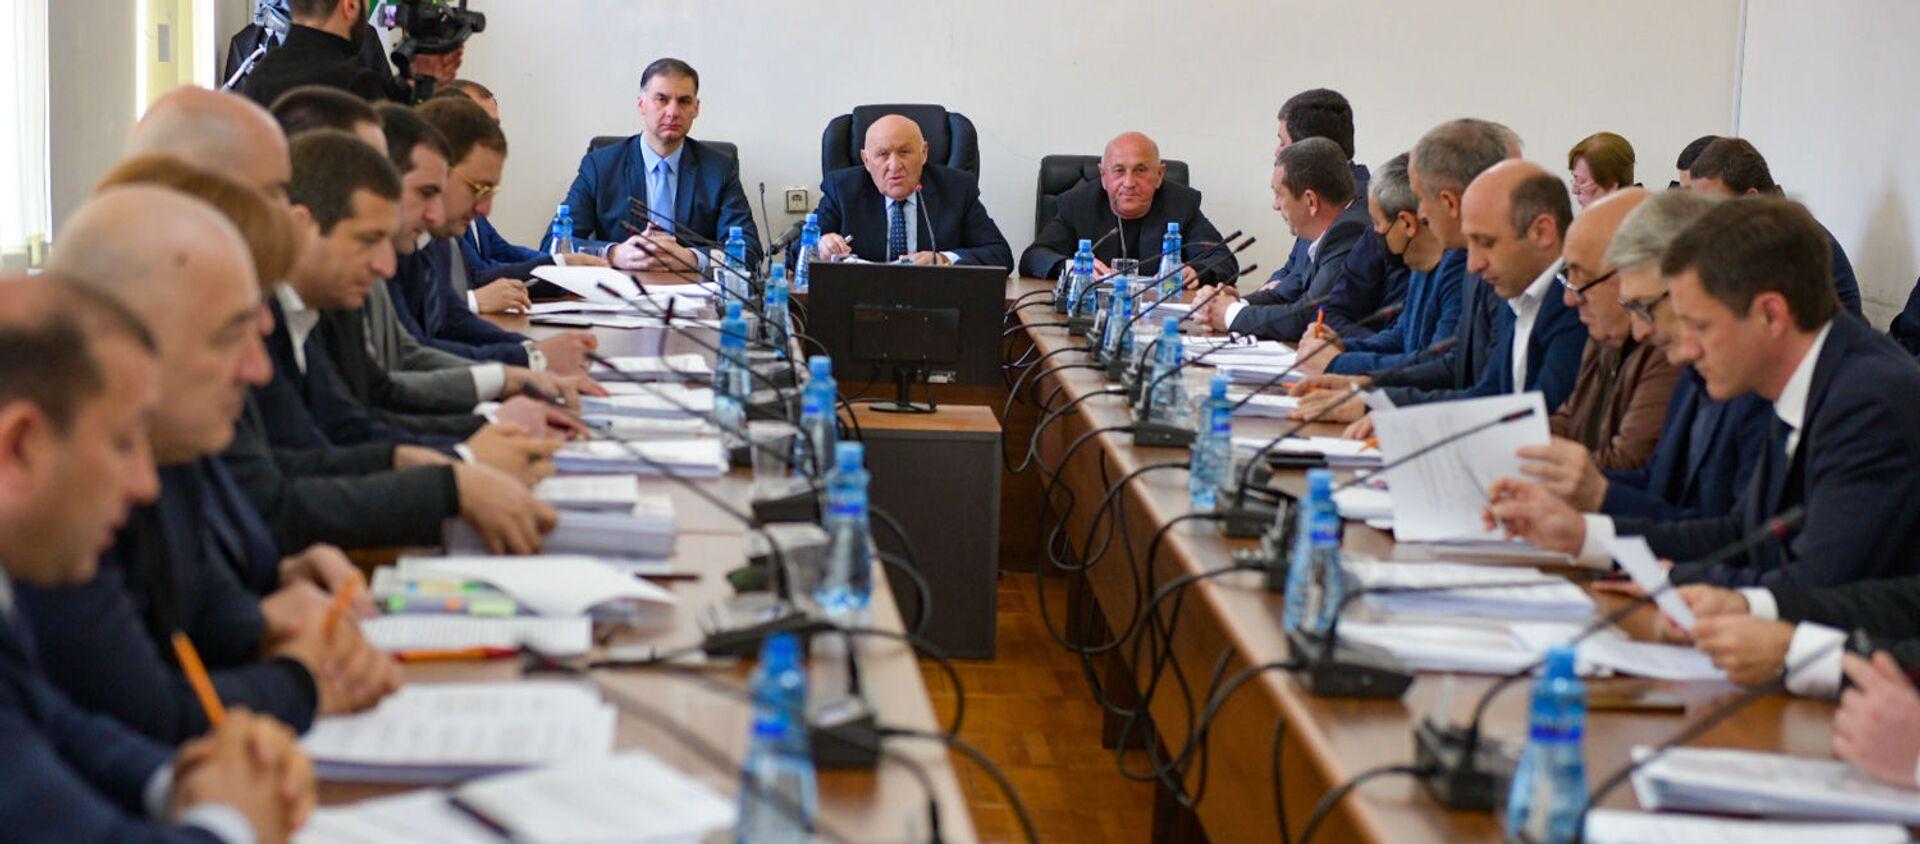 Заседание парламента Республики Абхазия  - Sputnik Абхазия, 1920, 31.03.2021